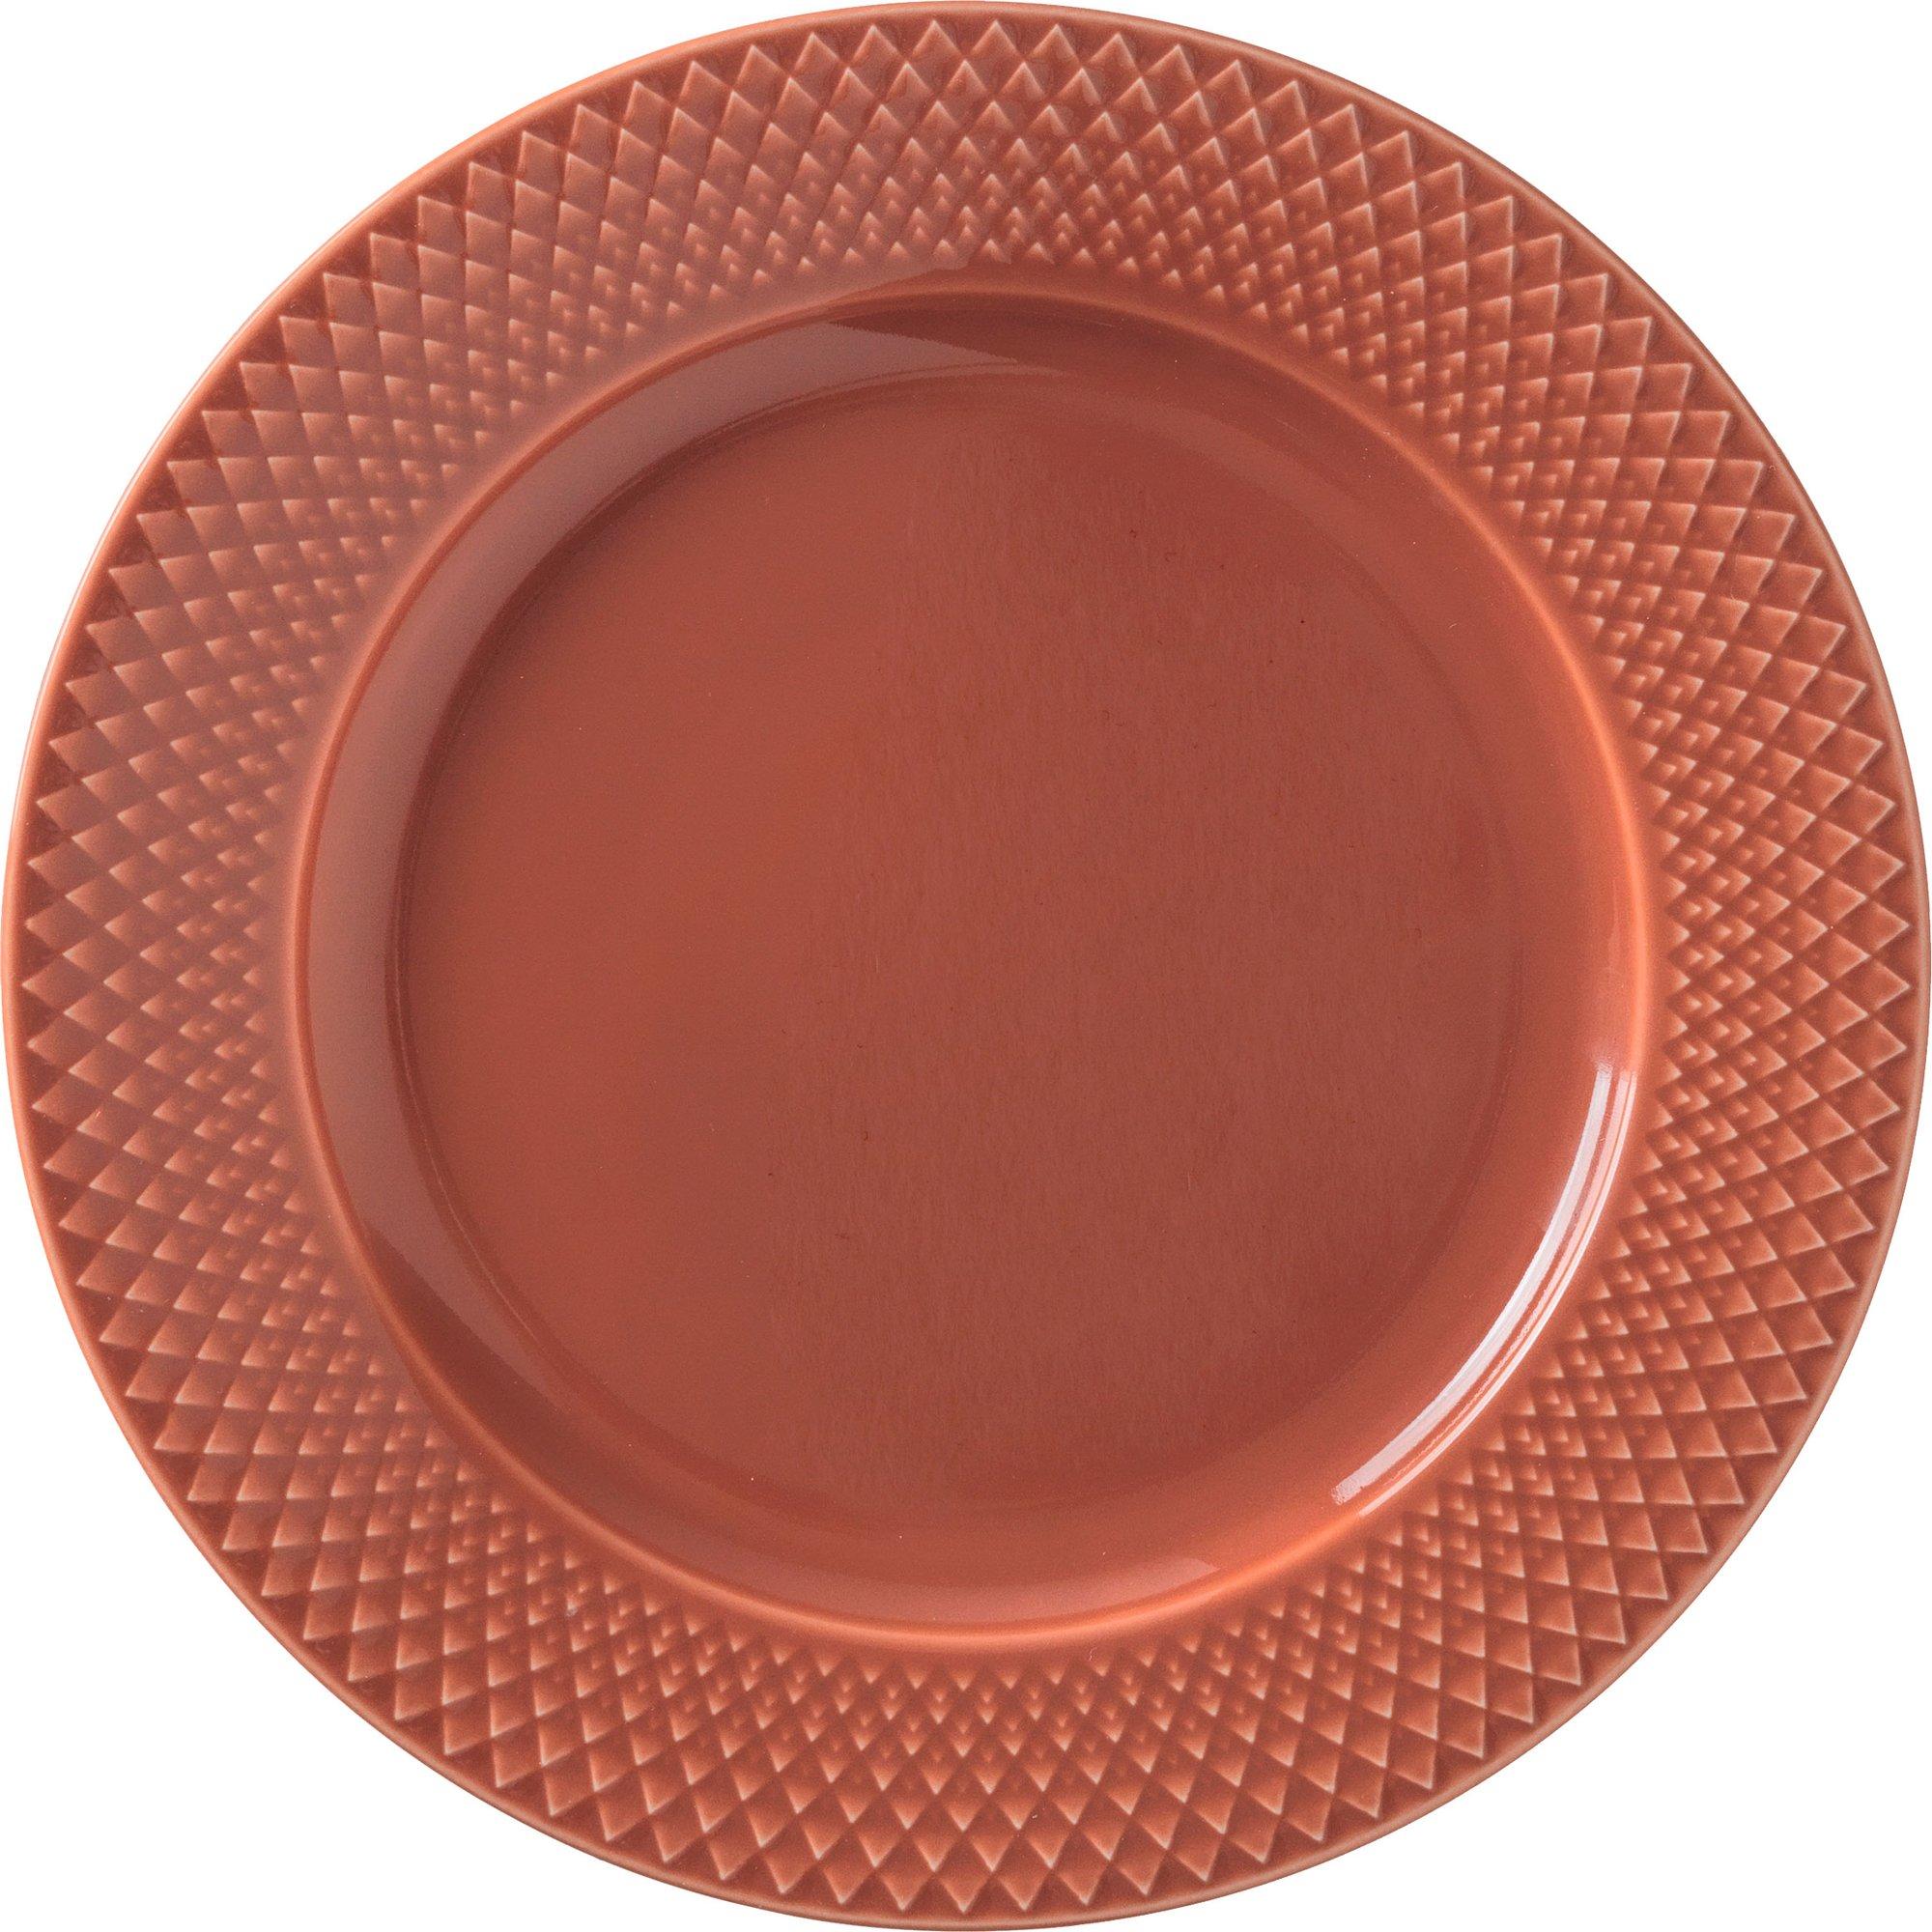 Lyngby Porcelæn Rhombe lunchtallrik 23 cm Terracotta